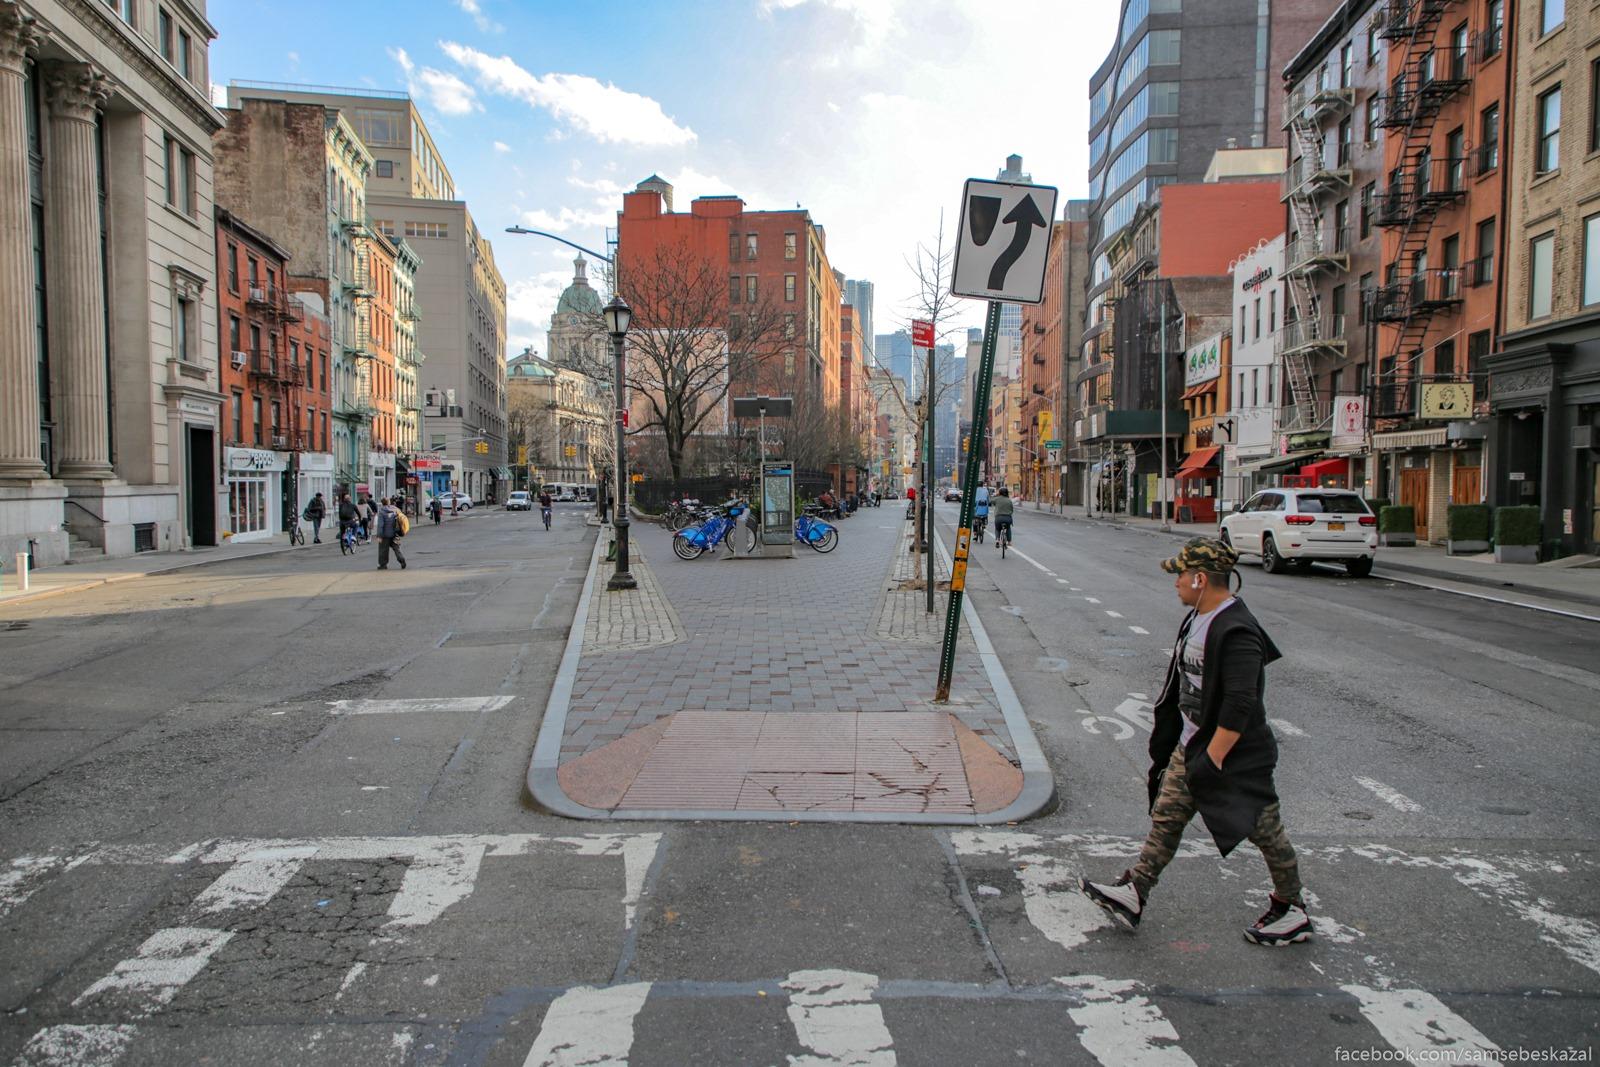 Na ulice pesehodov i velosipedistov v razy bolʹse cem masin.